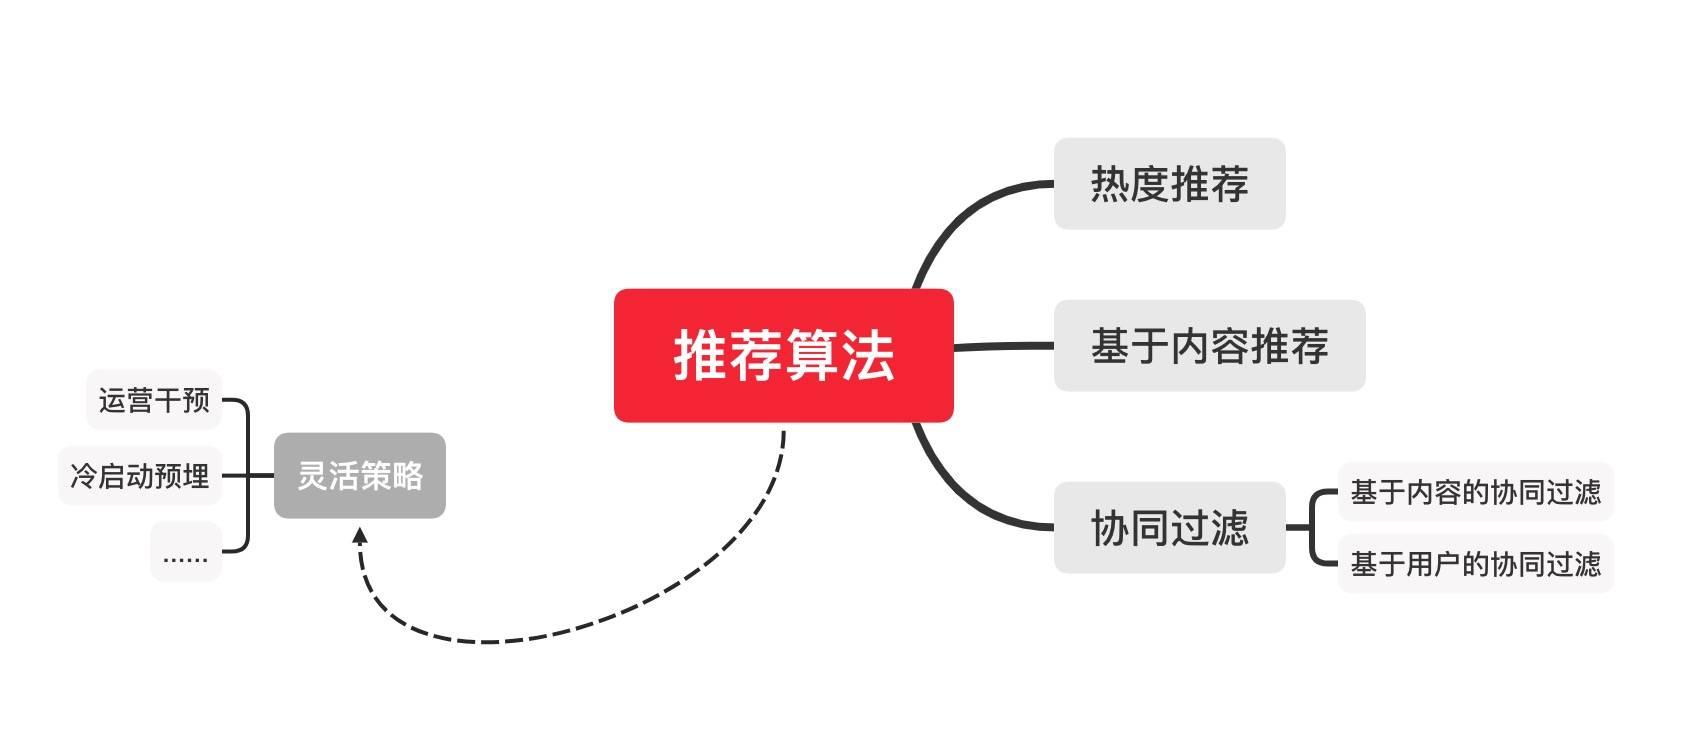 鸟哥笔记,用户运营,用户456402,内容运营